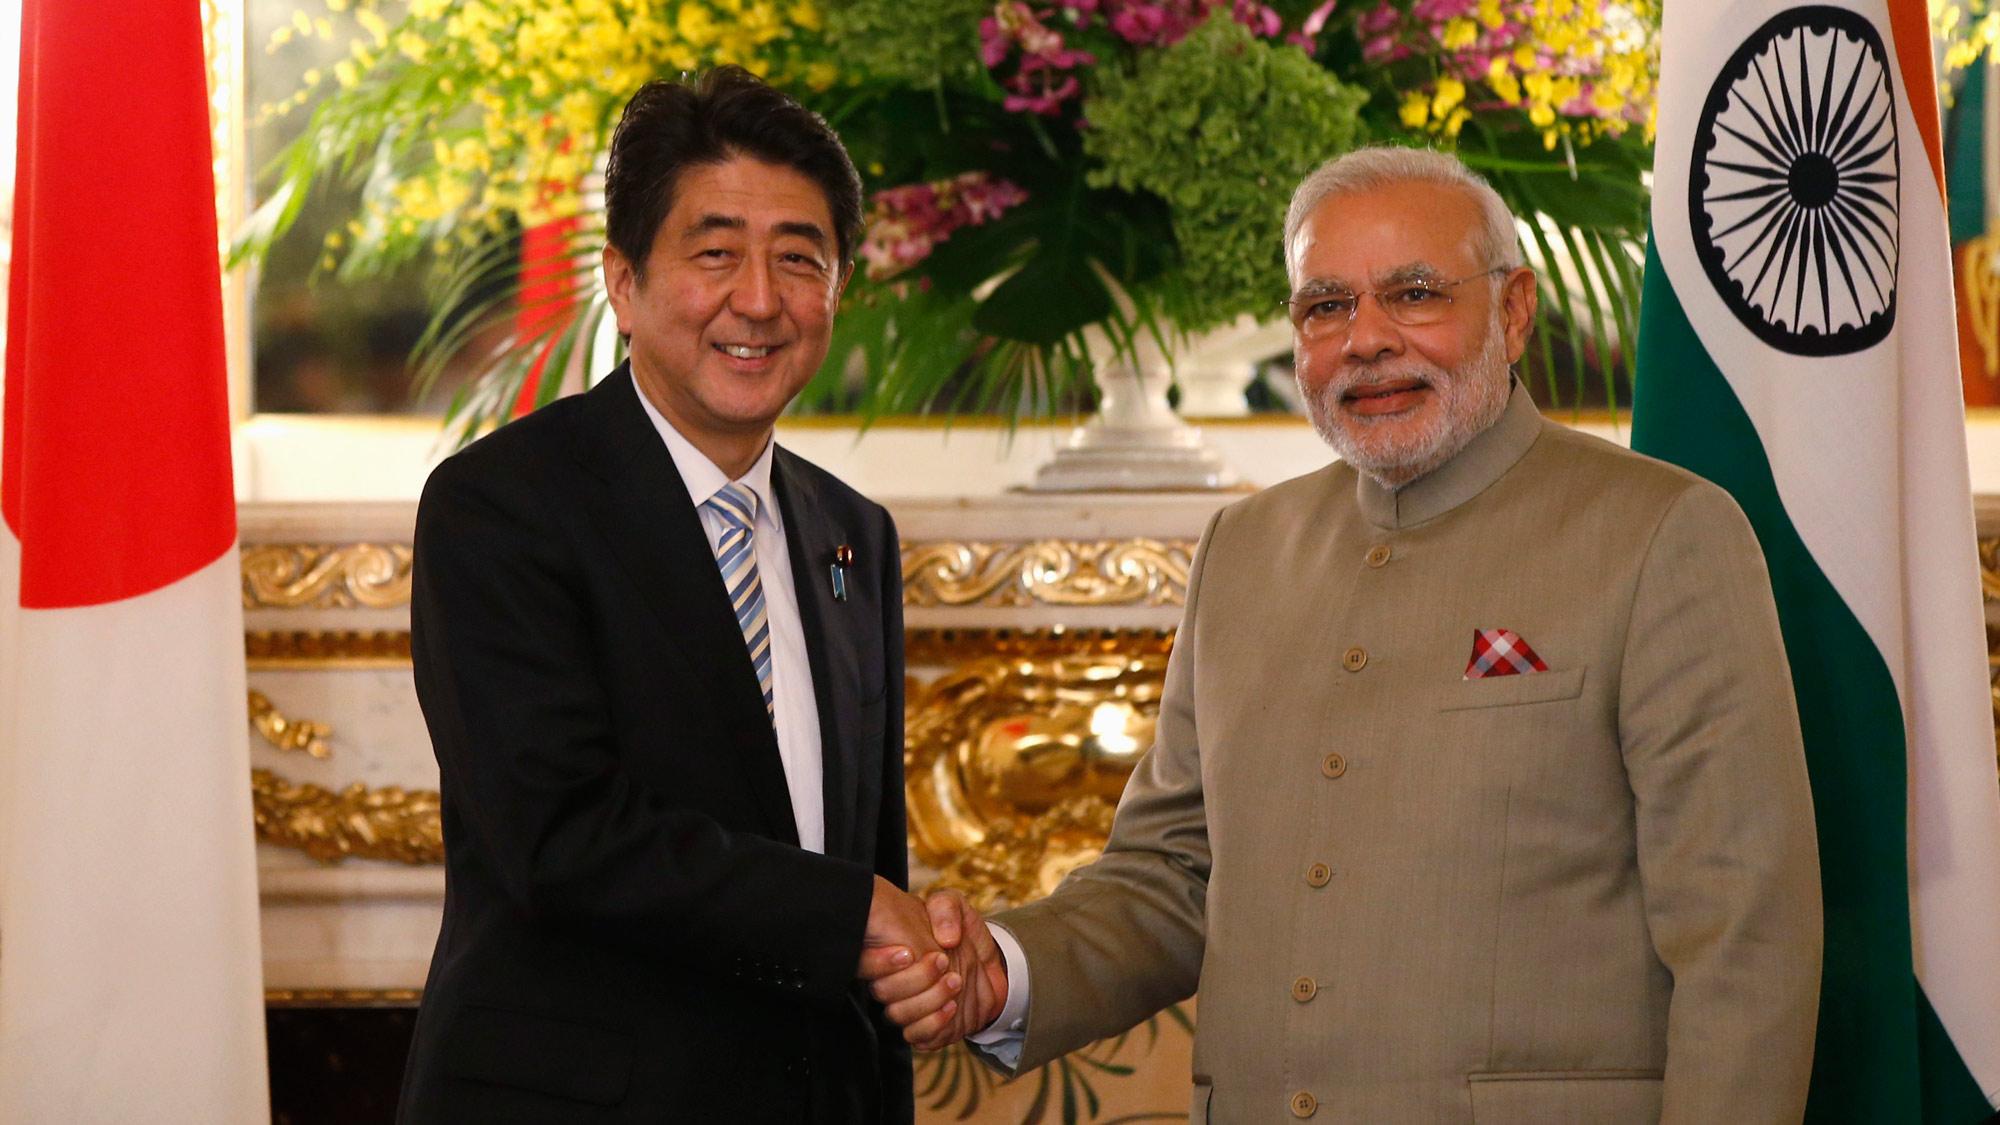 भारत ने किया जापान के साथ ठोस परमाणु समझौता